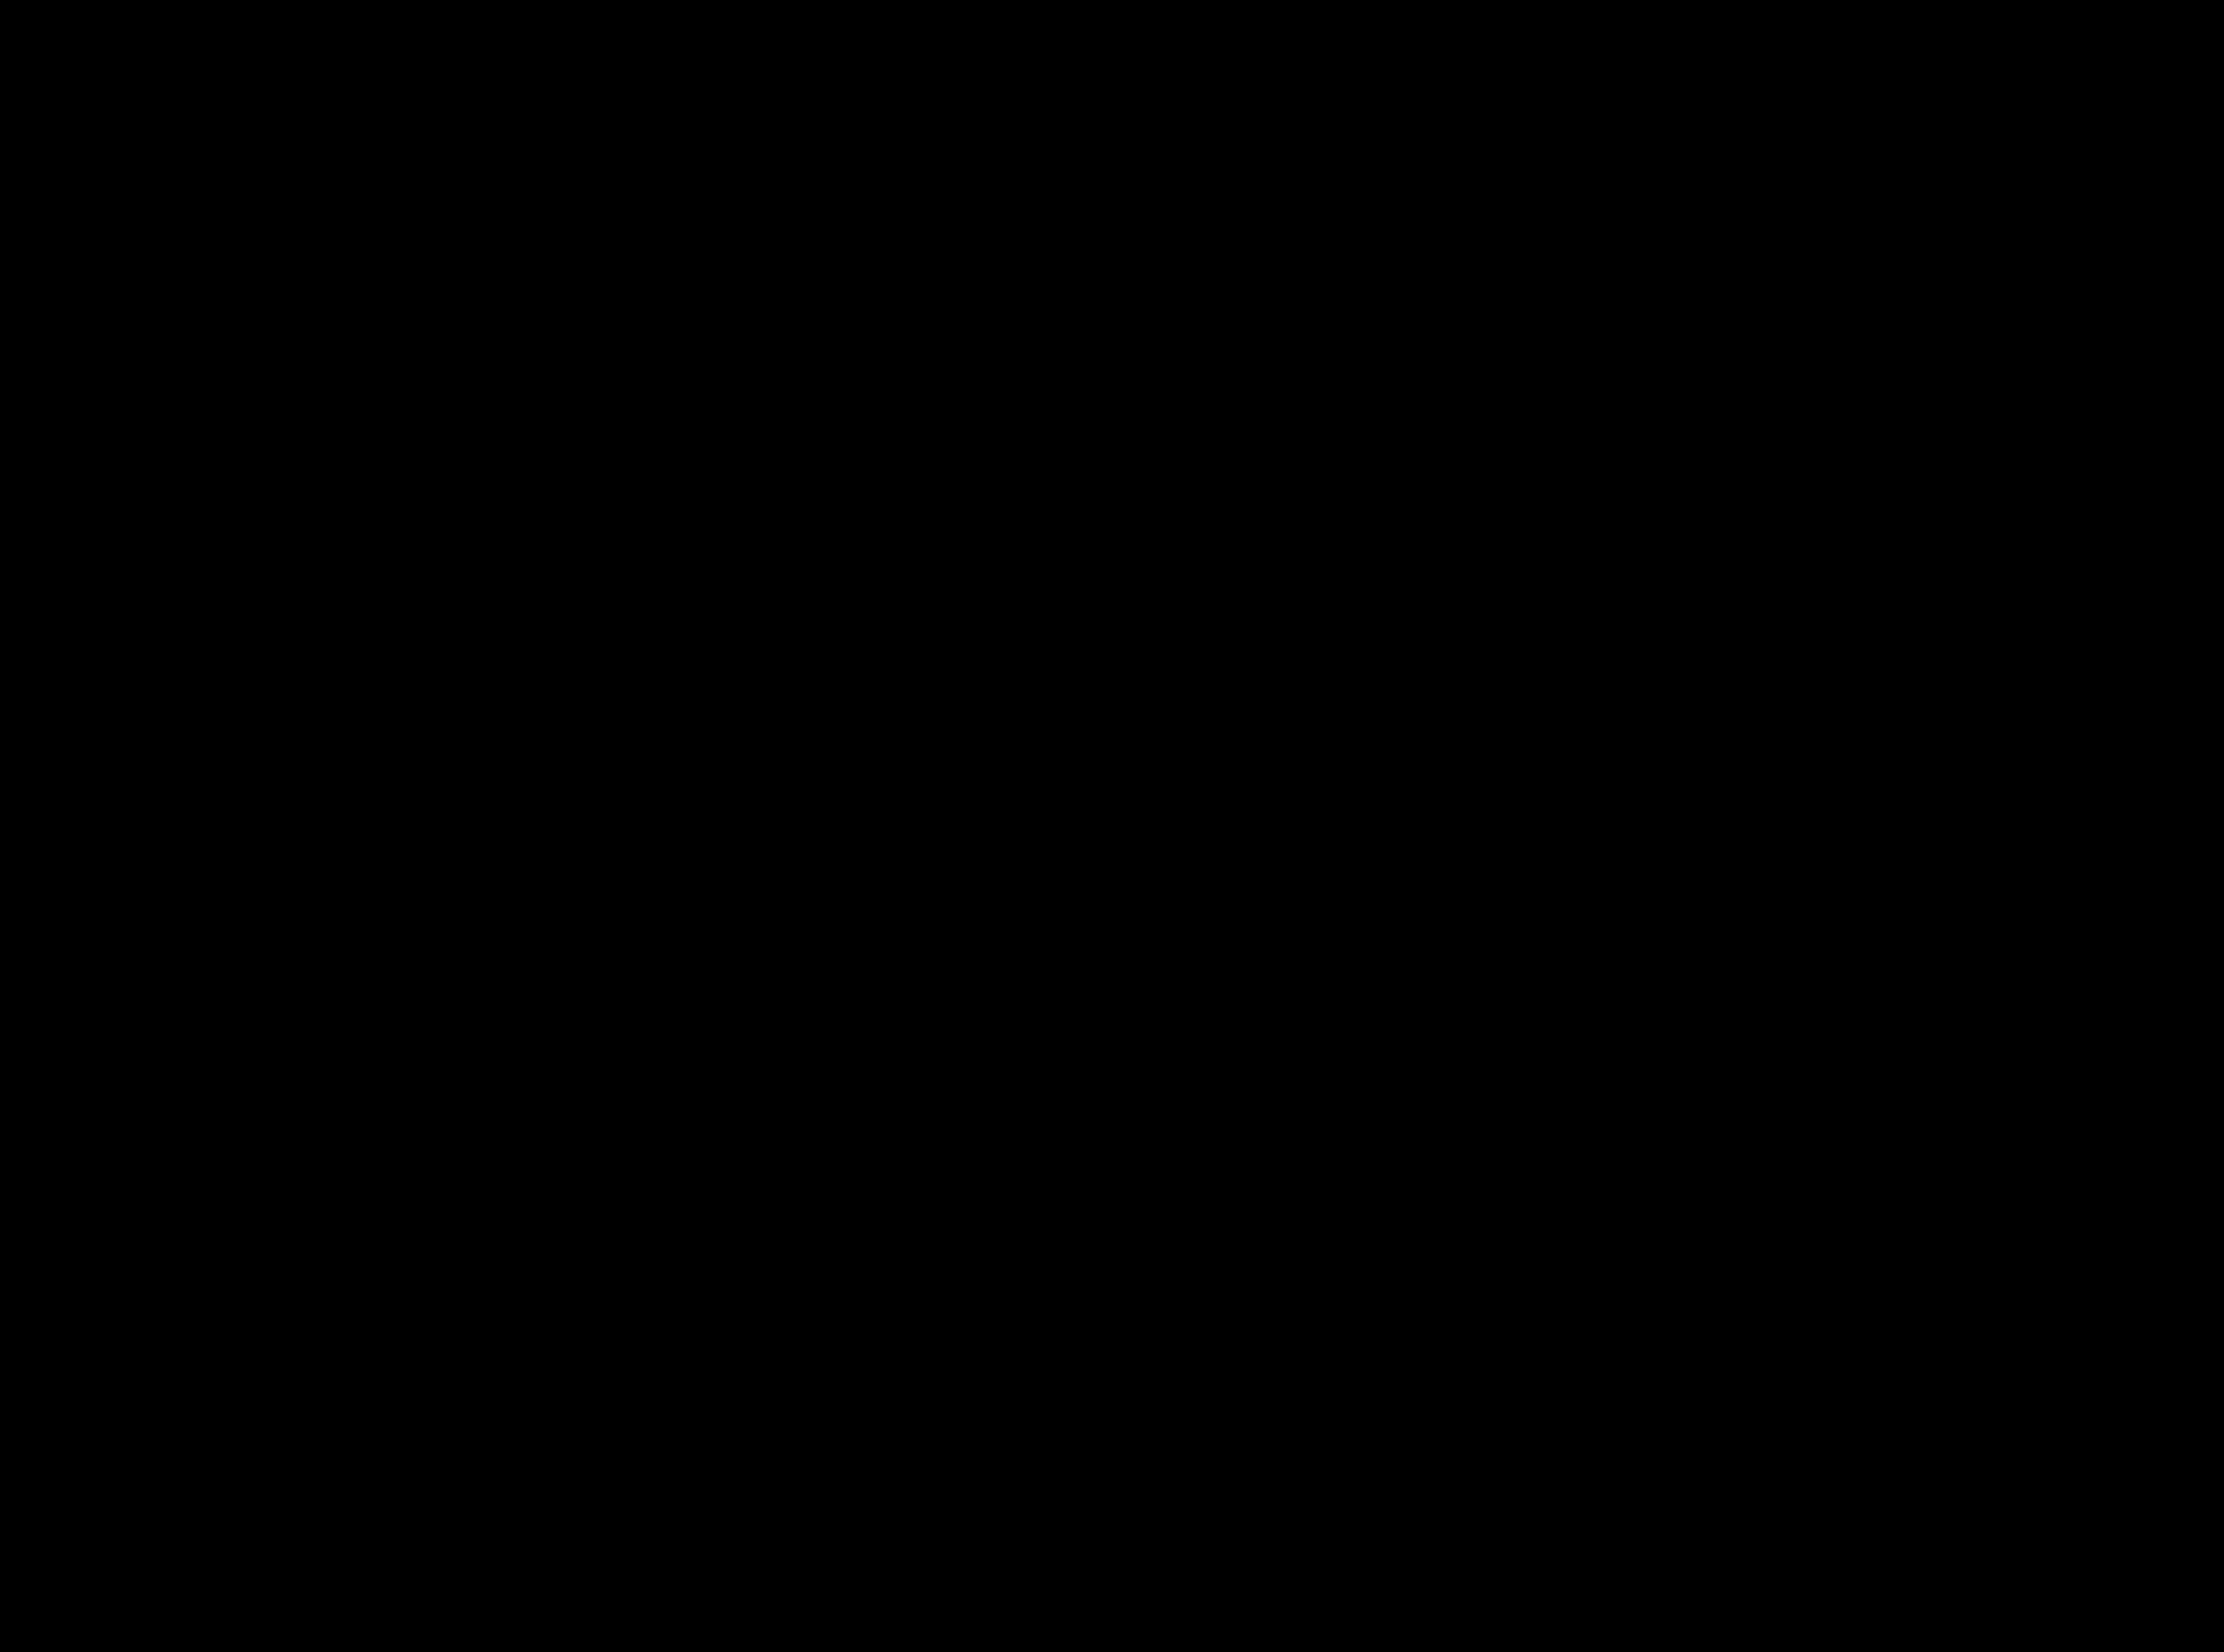 Новая интерпретация пирамиды Маслоу